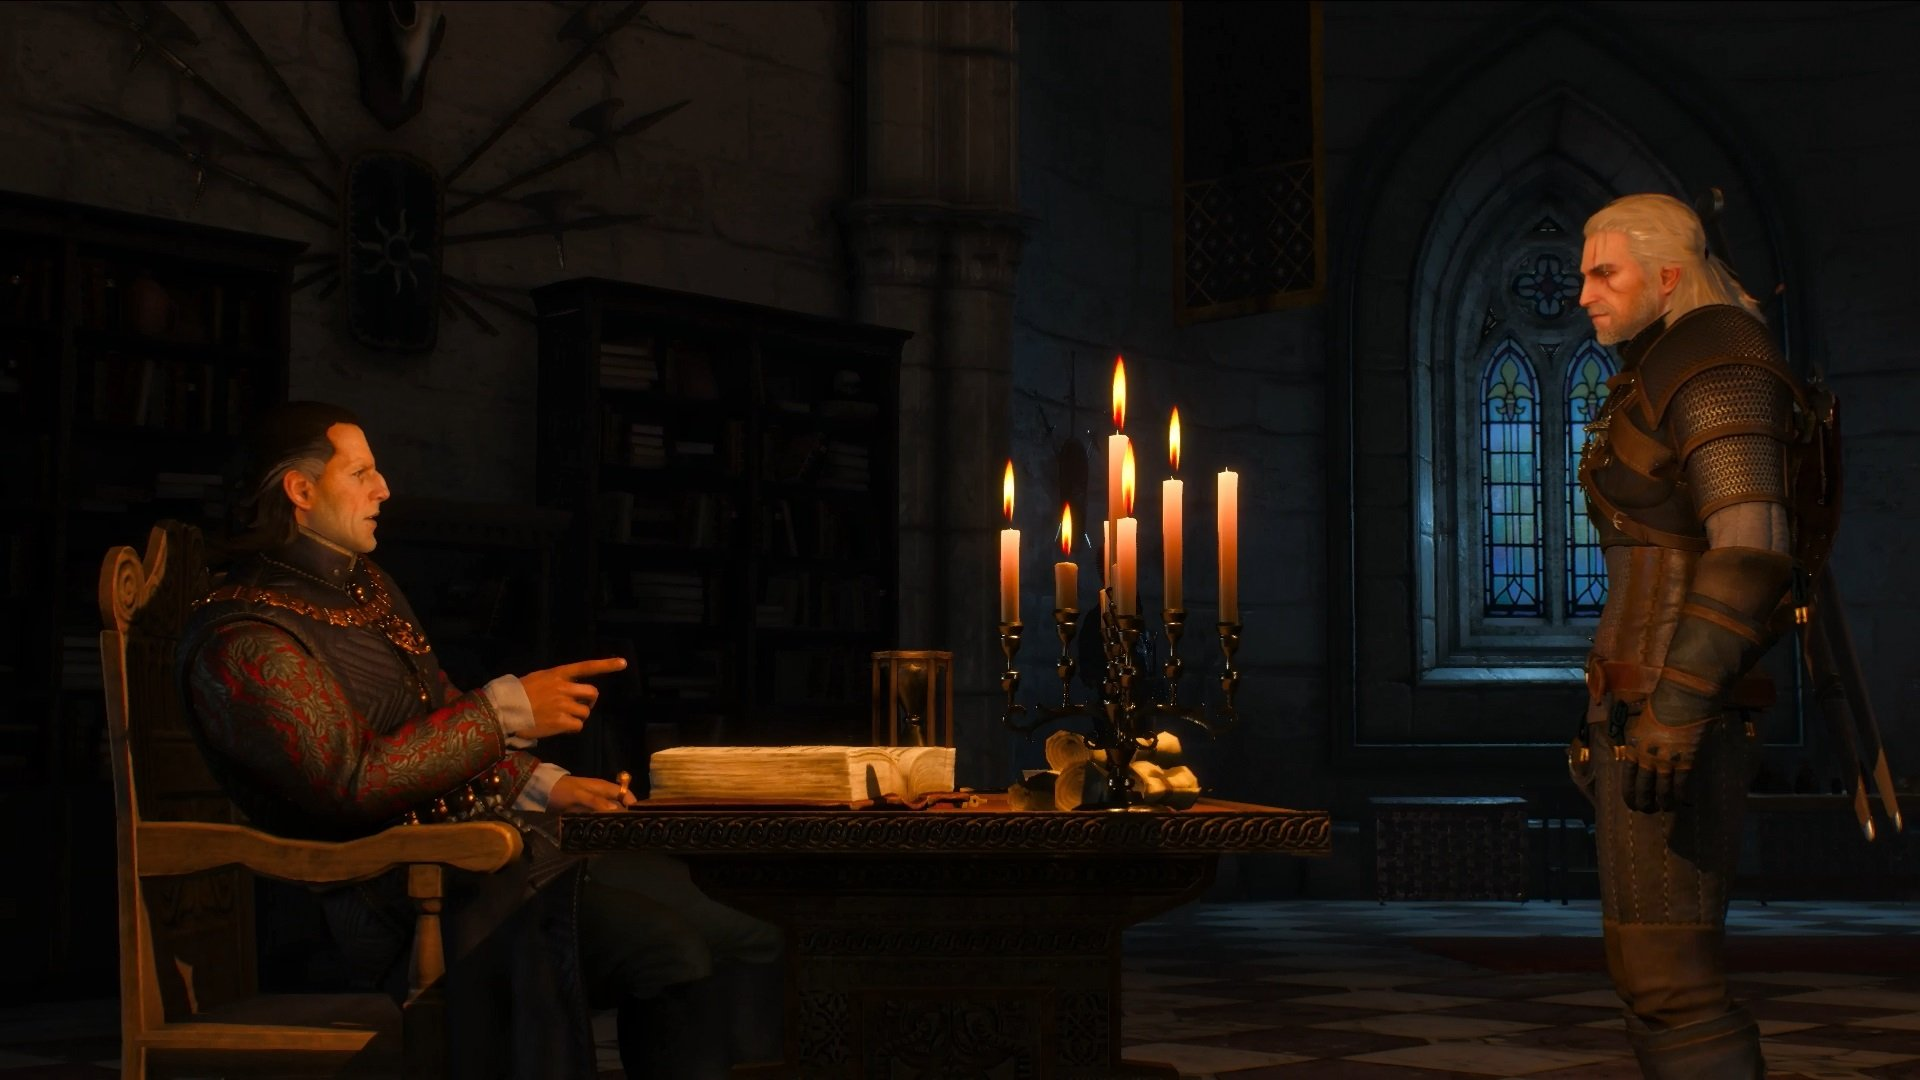 The Witcher 3: Wild Hunt. Русская версия геймплейного трейлера.    Русская версия опубликованного ранее трейлера, де ... - Изображение 4